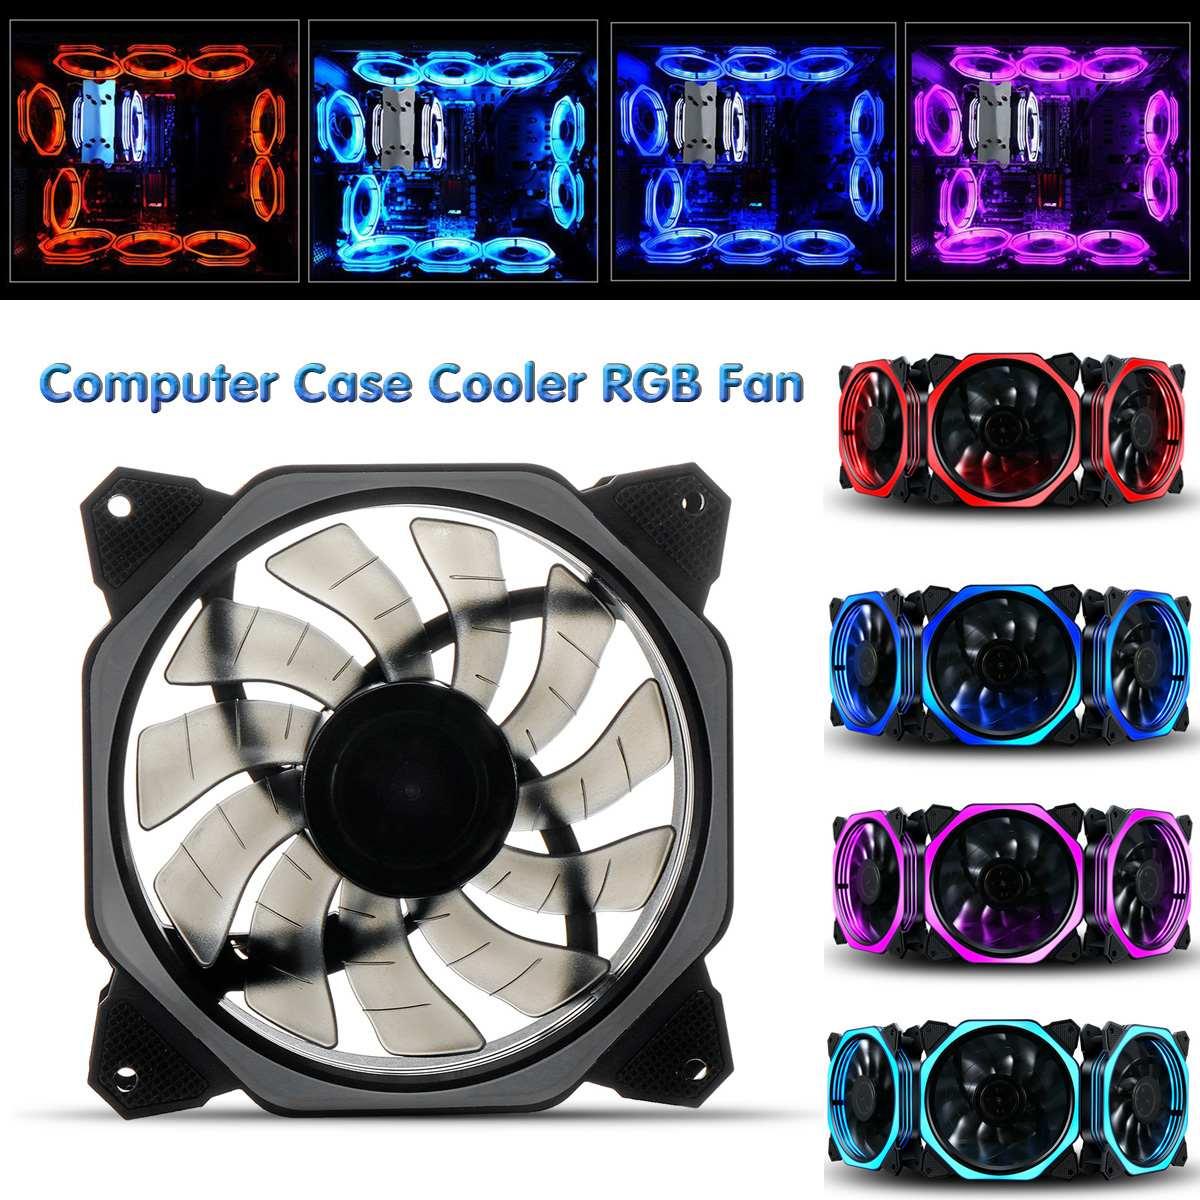 120mm travail silencieux et ventilateur d'ordinateur de refroidissement par Air Durable couleur Monochrome bleu/violet/rouge/bleu glace coque d'ordinateur refroidisseur ventilateur RGB